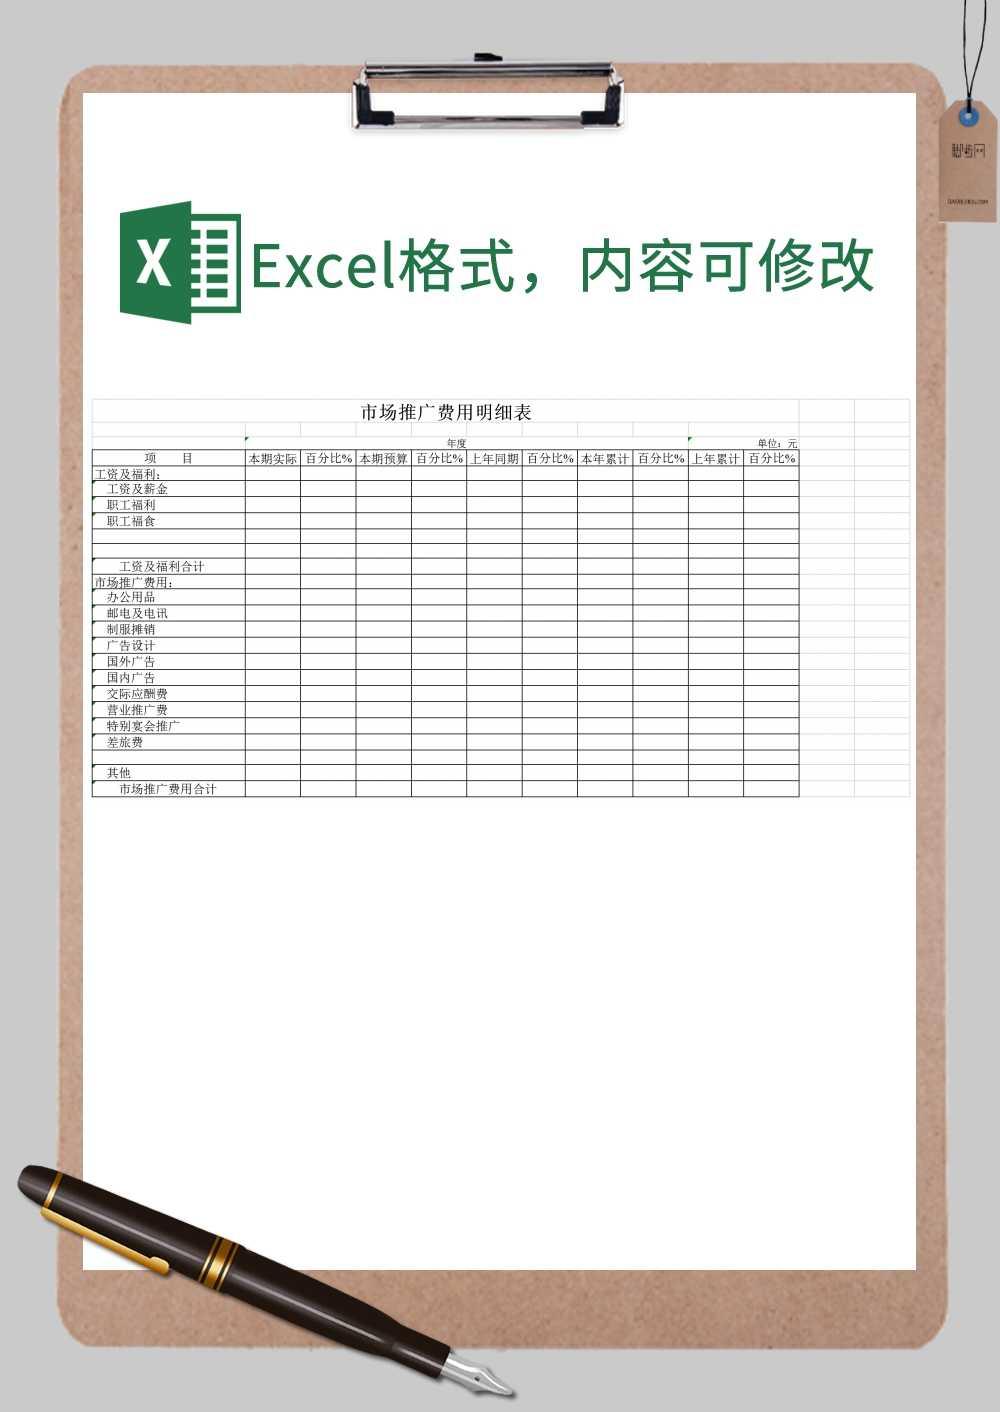 市场推广费用明细表Excel模板